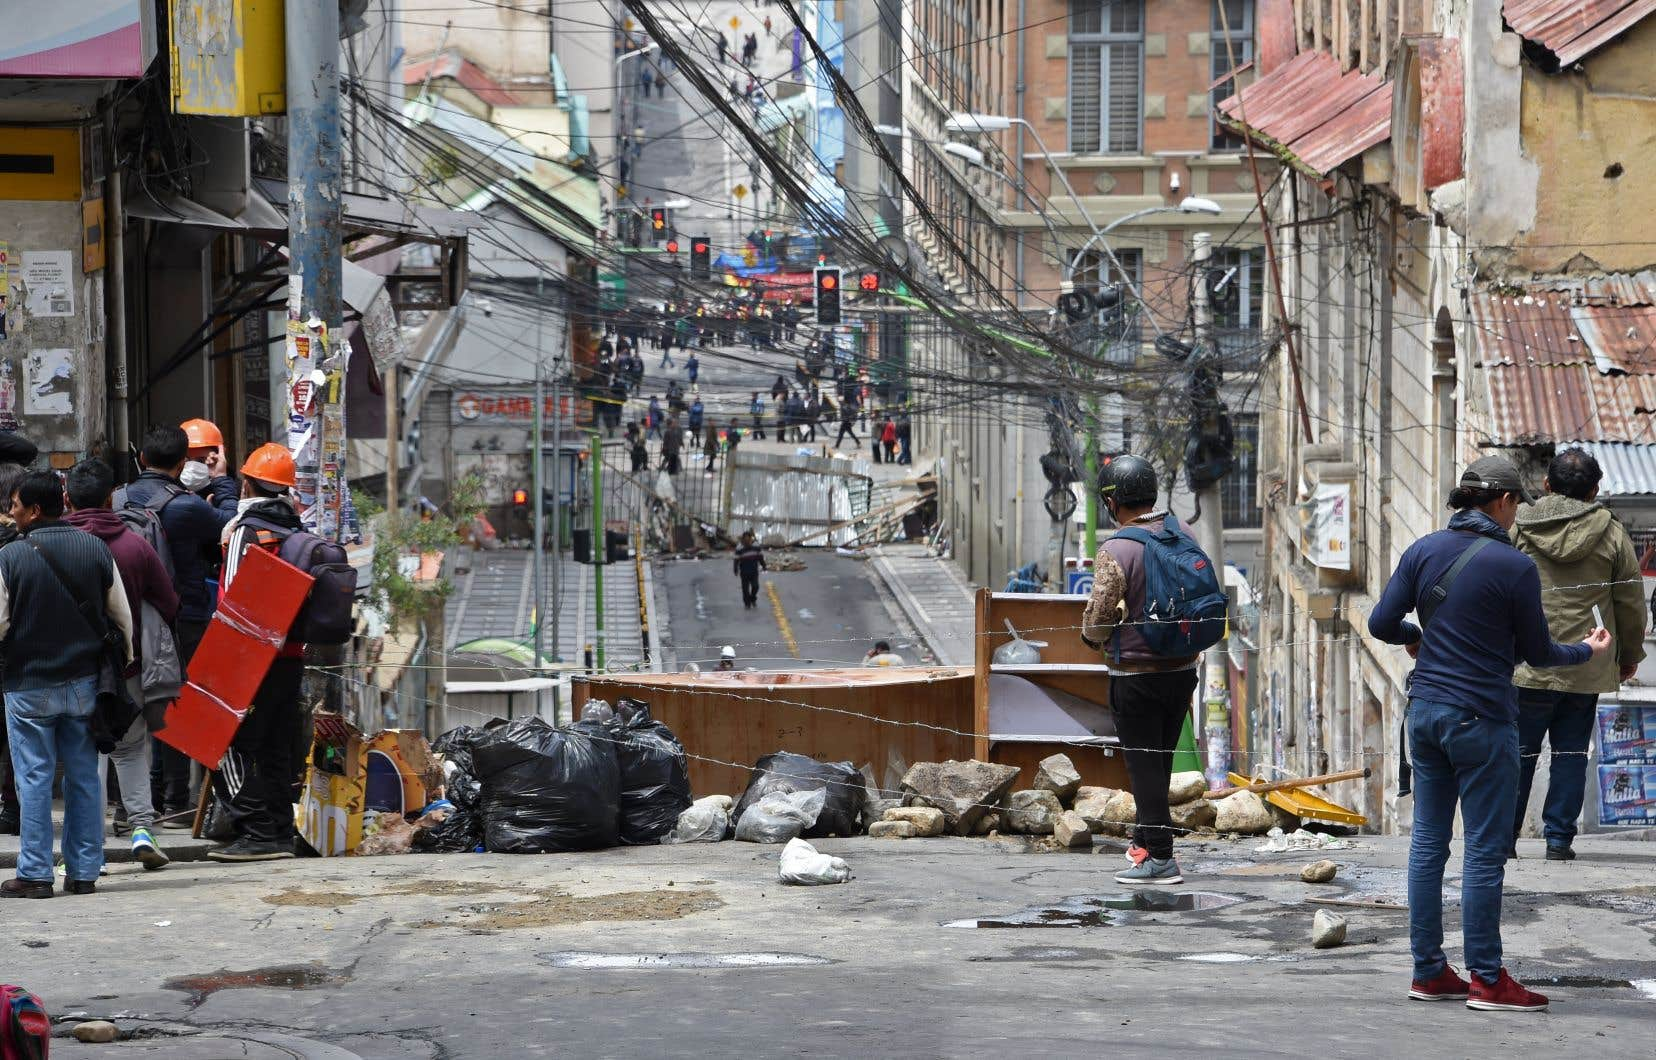 Morales a été lâché par l'armée dimanche, après trois semaines de violentes manifestation.